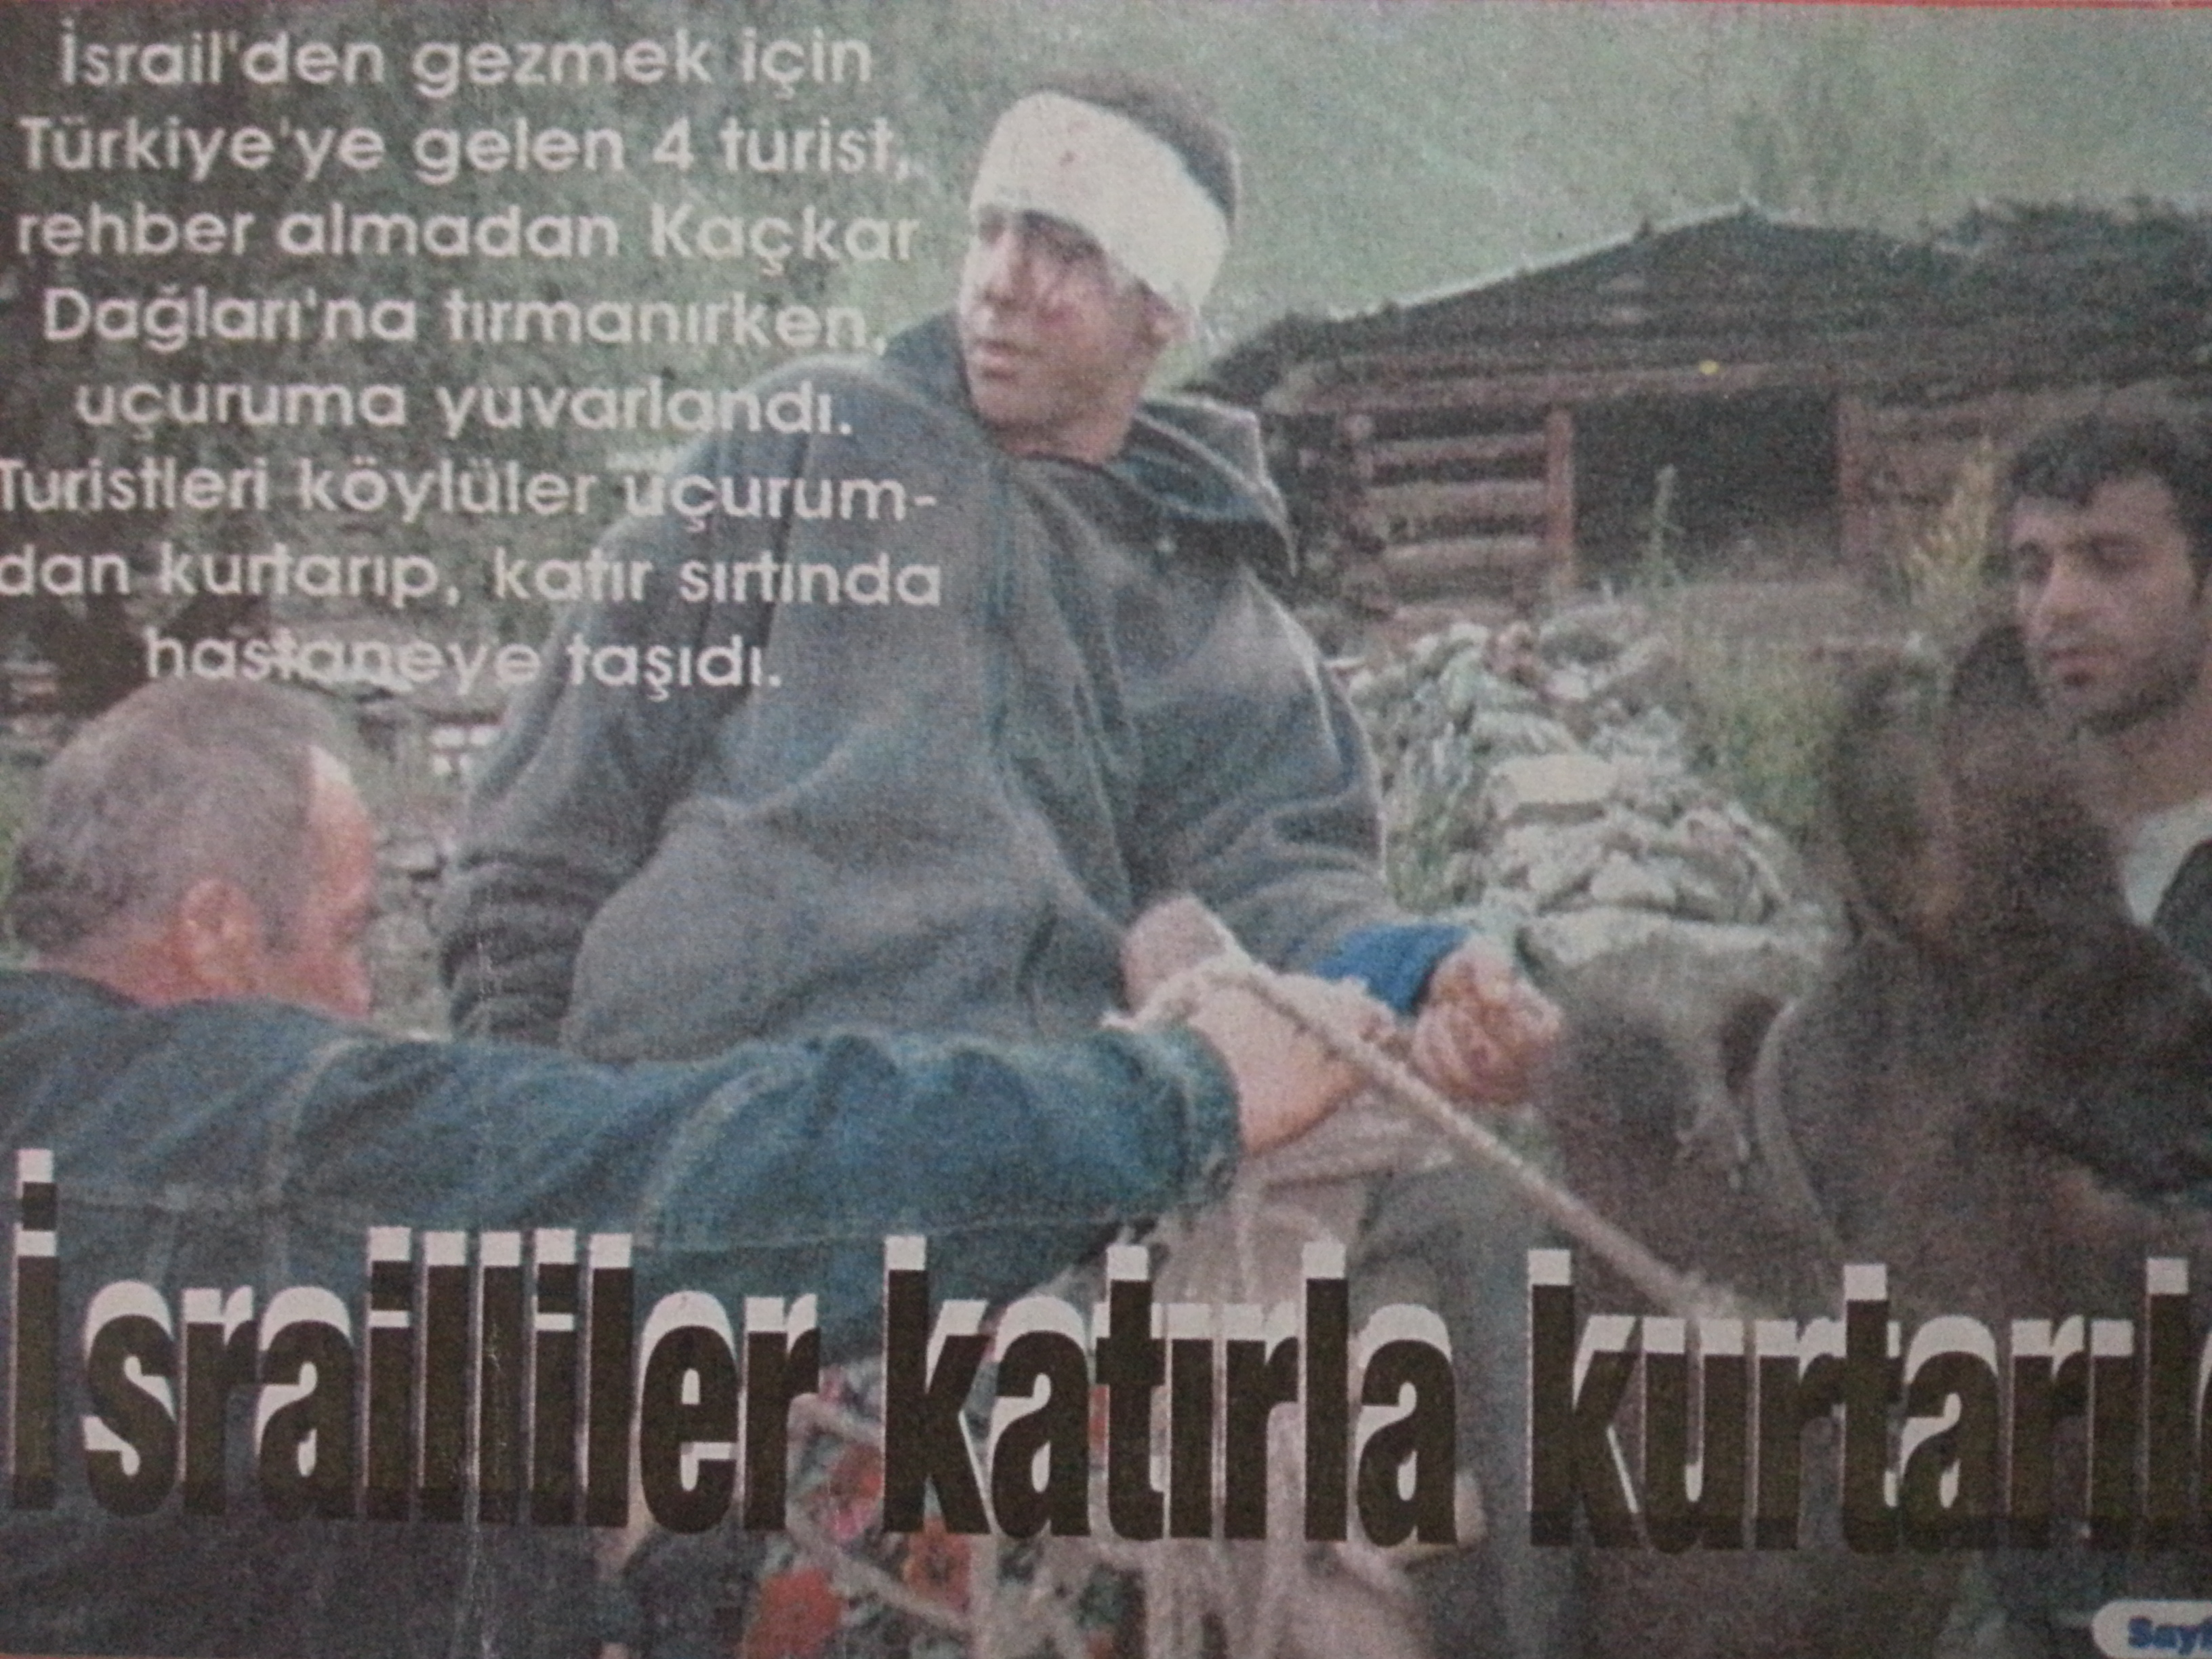 חילוץ מההר על גבי חמור - מתוך עיתון